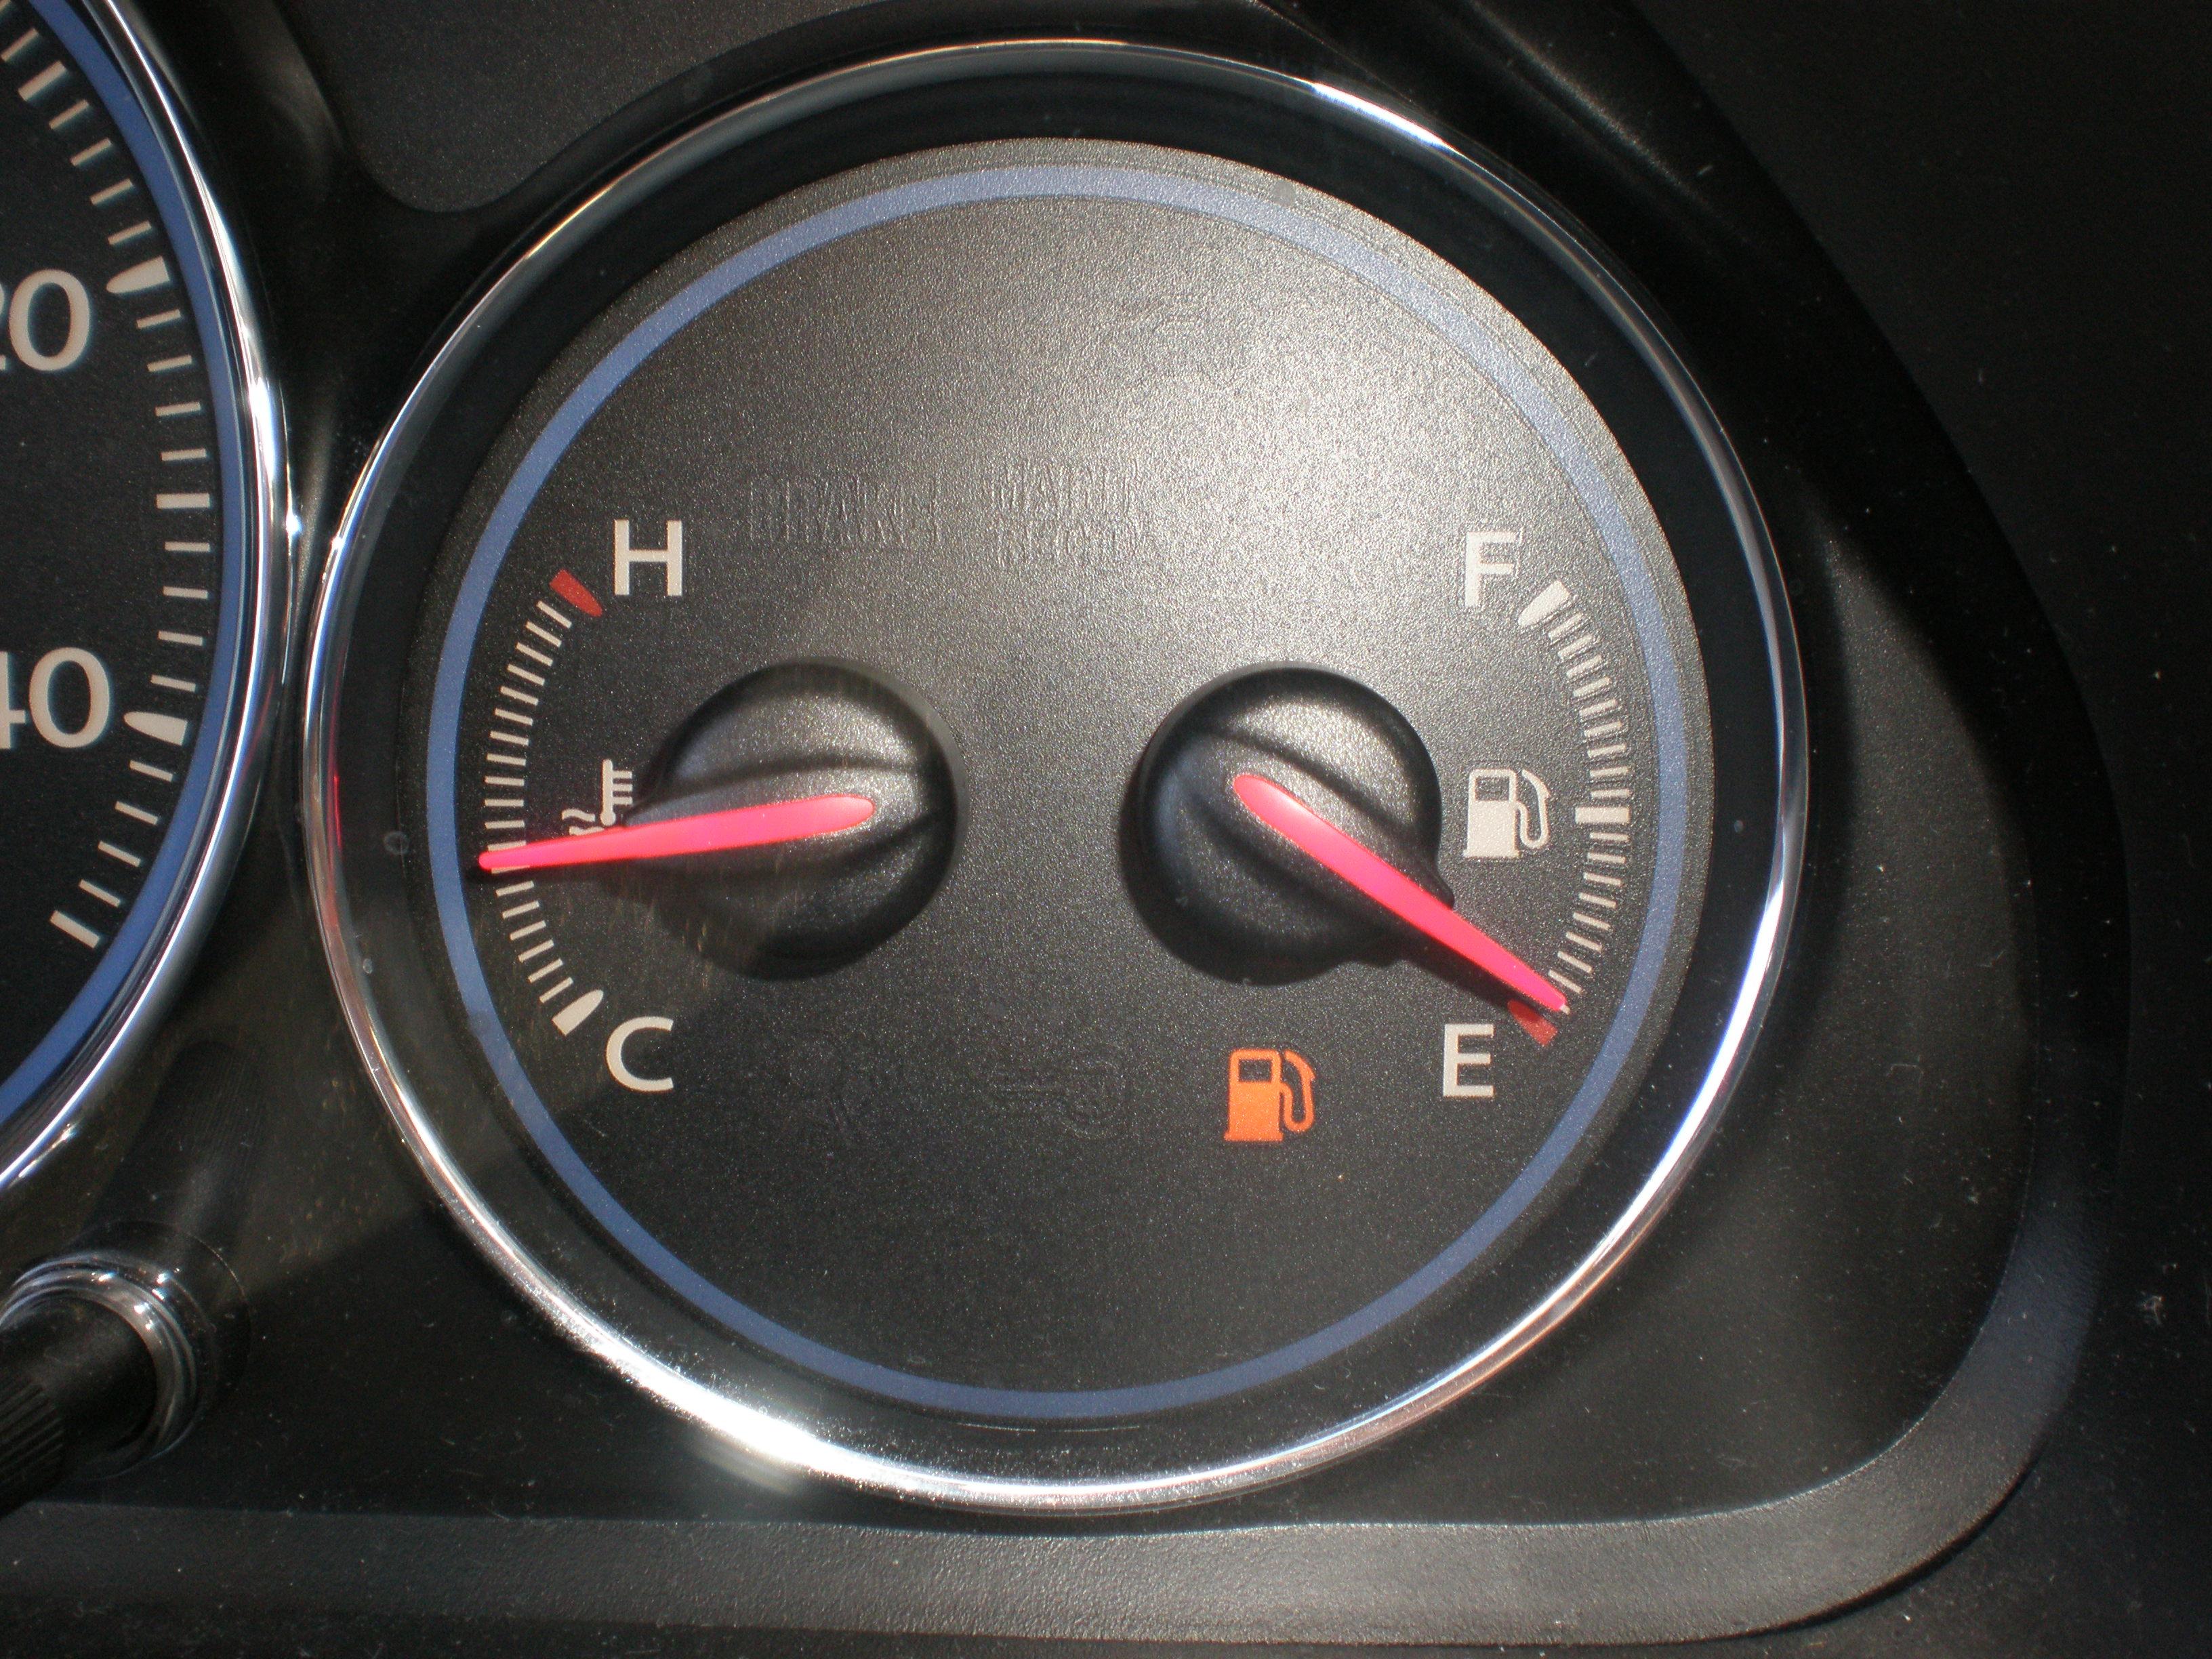 realna spotreba paliva aut je vyssia ako uvadza vyrobca